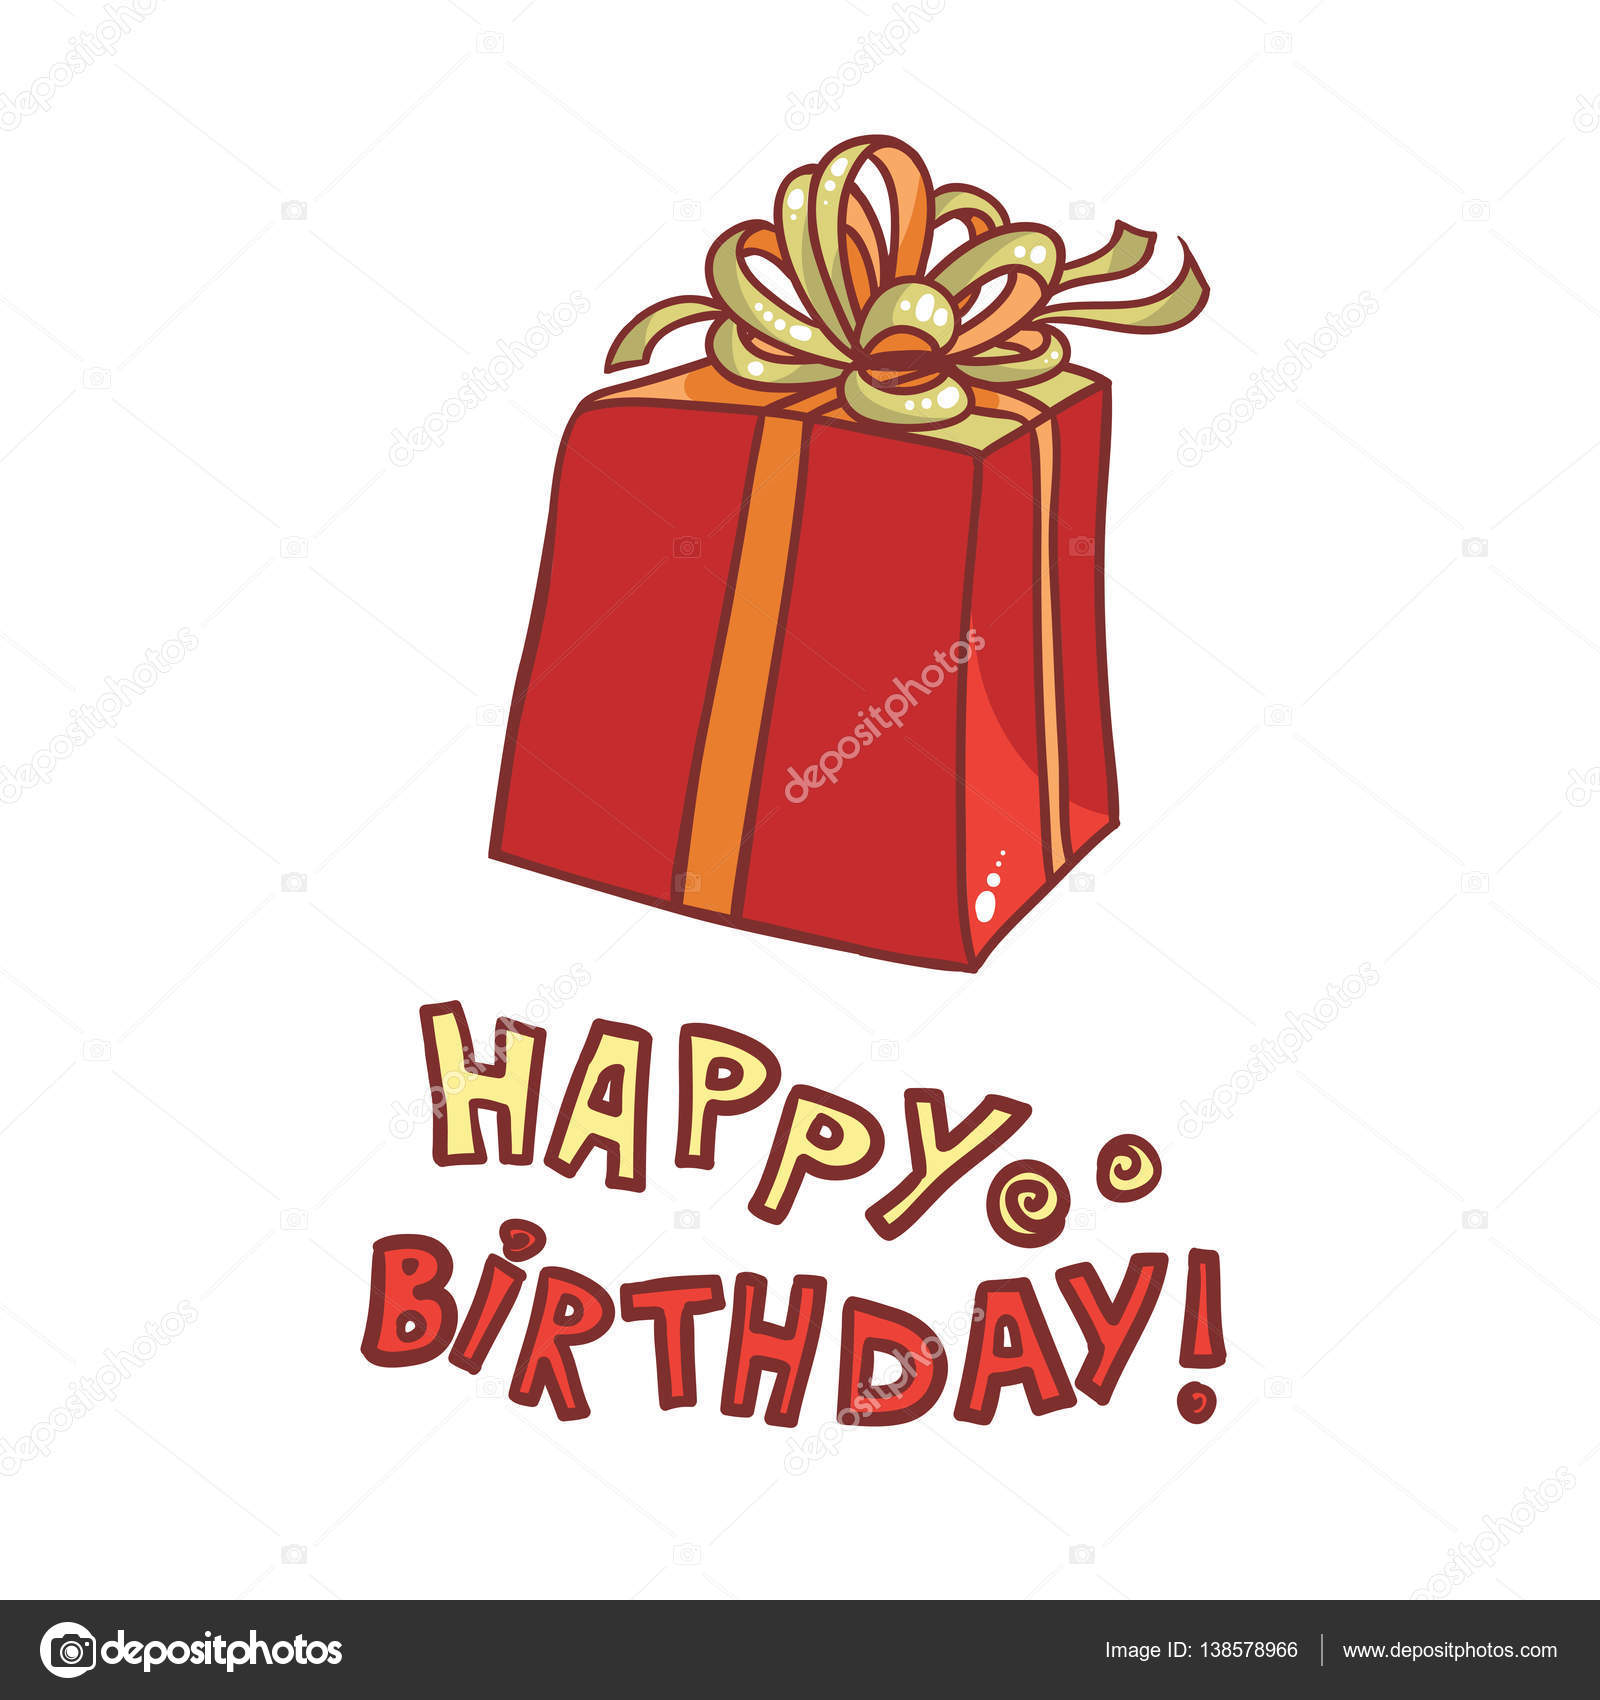 Herzlichen Glückwunsch Zum Geburtstag Vektor Bild Geschenk